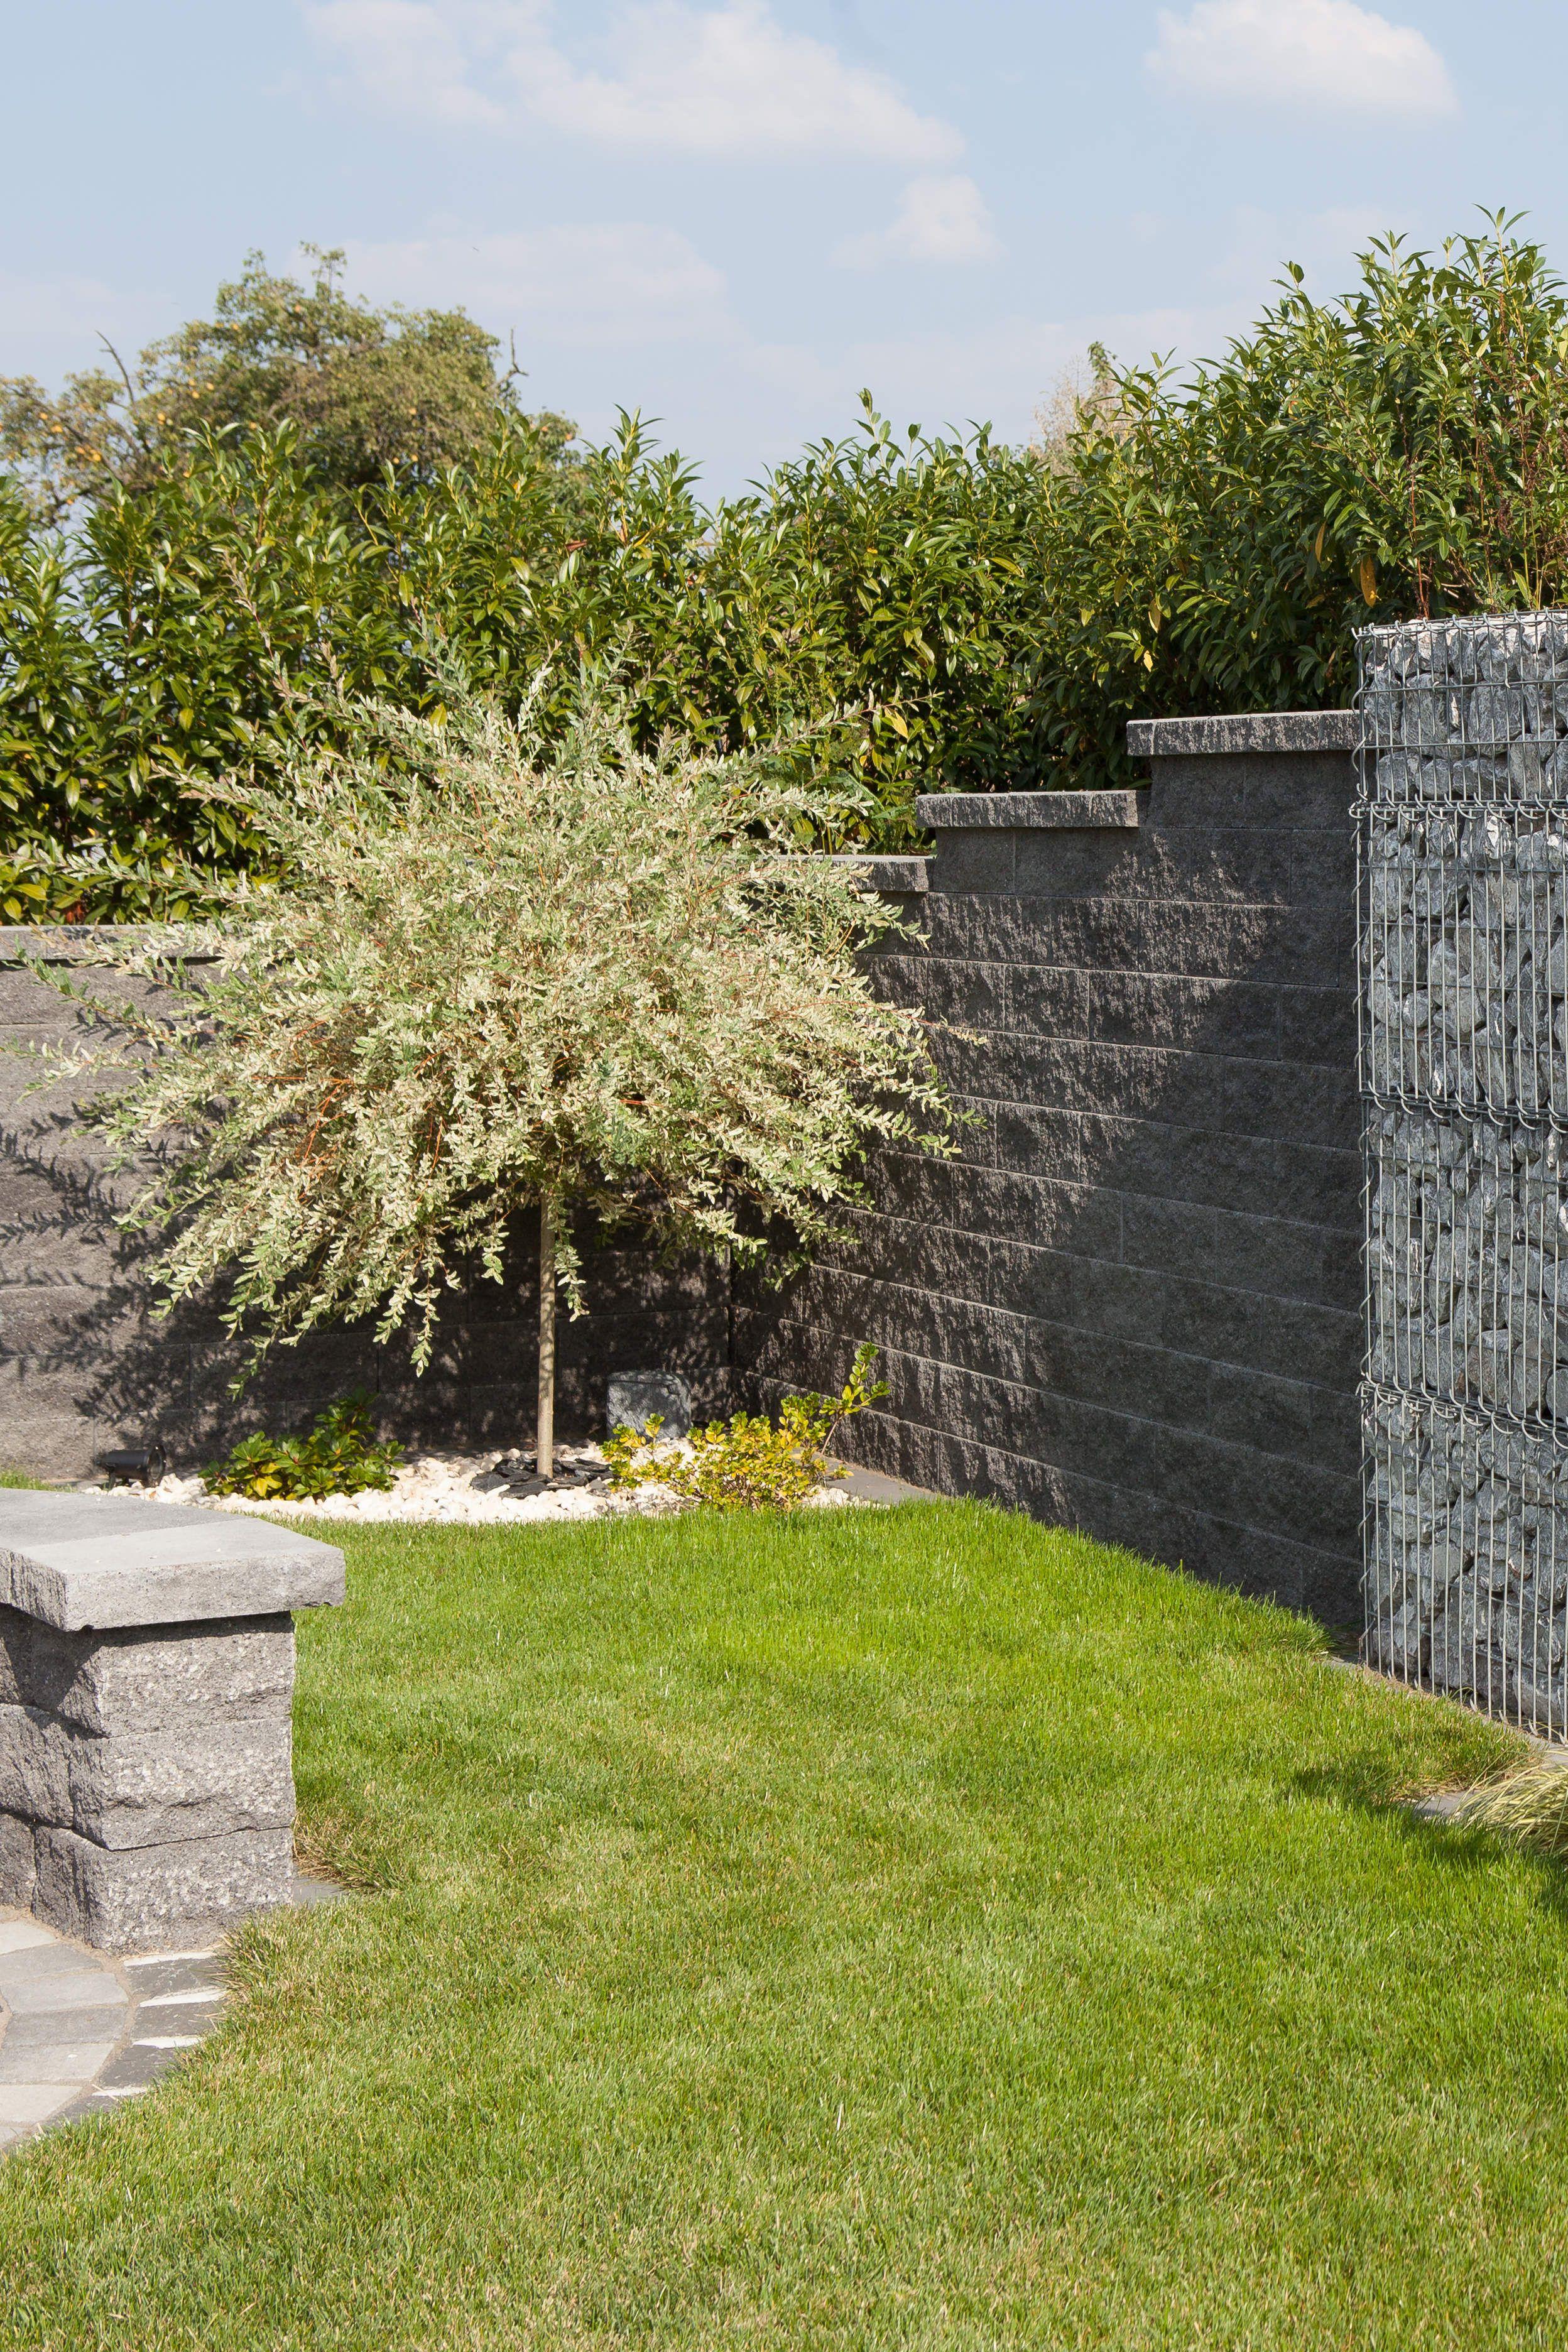 Best Lockere Gestaltung der Mauer durch verschiedene H hen und verwendete Gabionen Ein toller Mix verschiedener Materialien